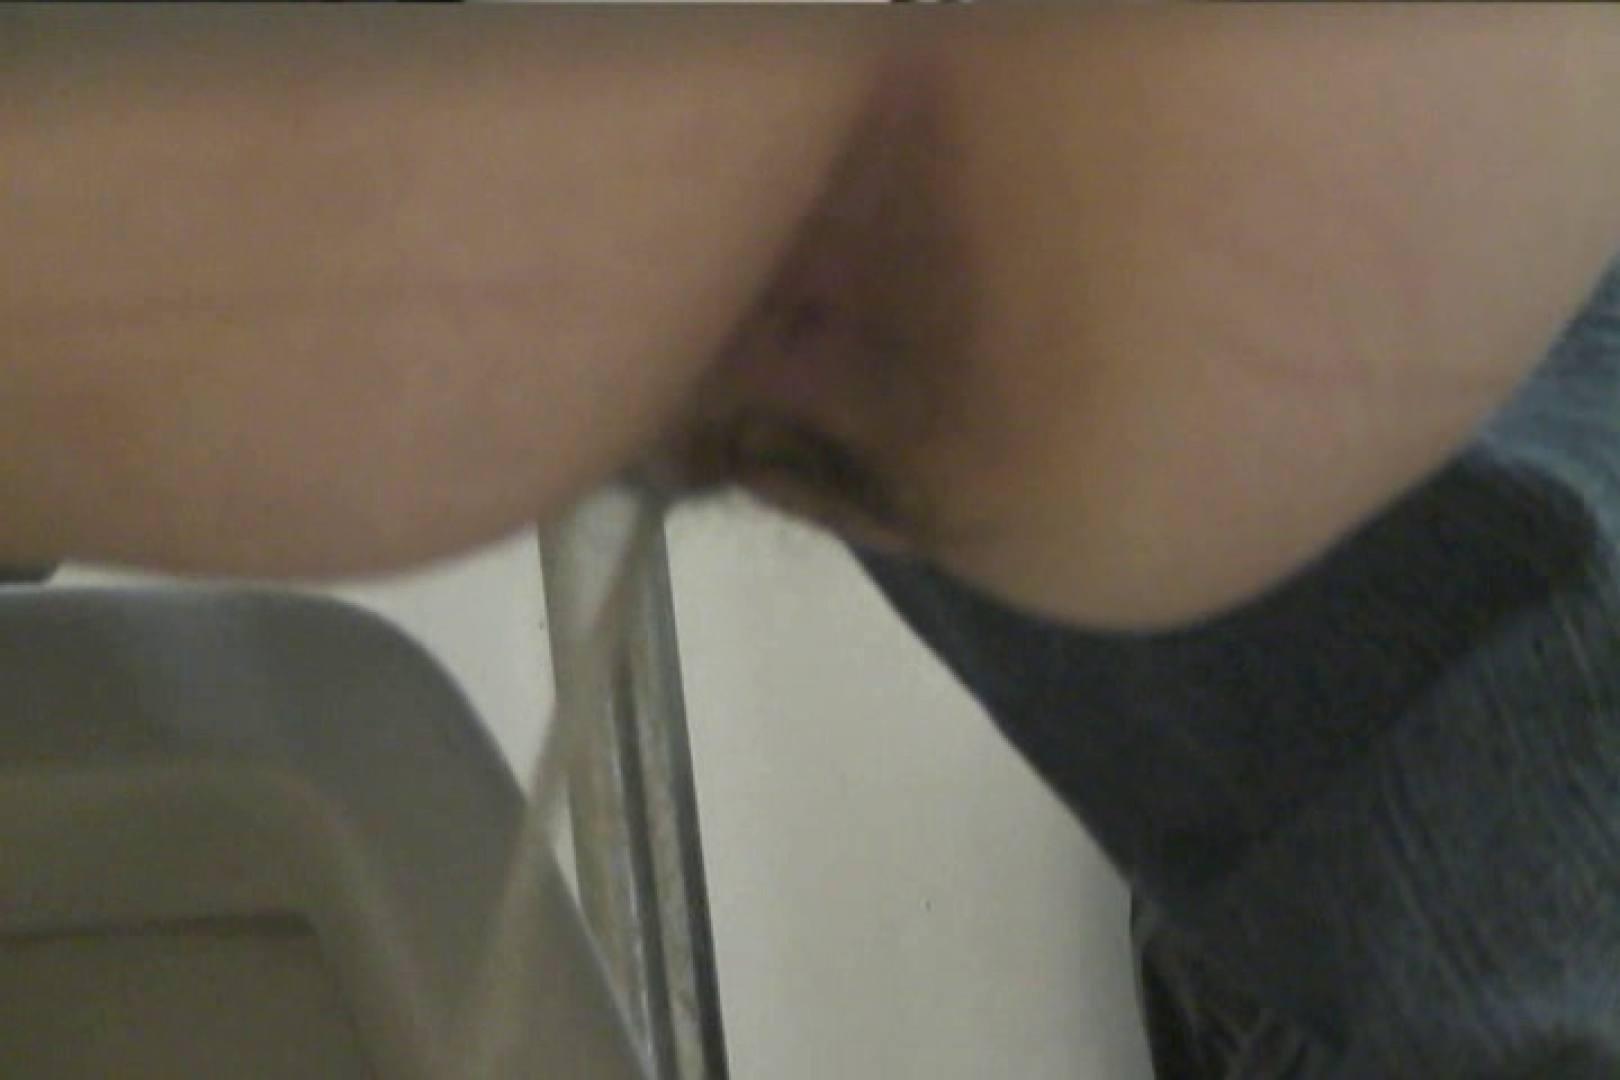 マンコ丸見え女子洗面所Vol.19 マンコ SEX無修正画像 70連発 43